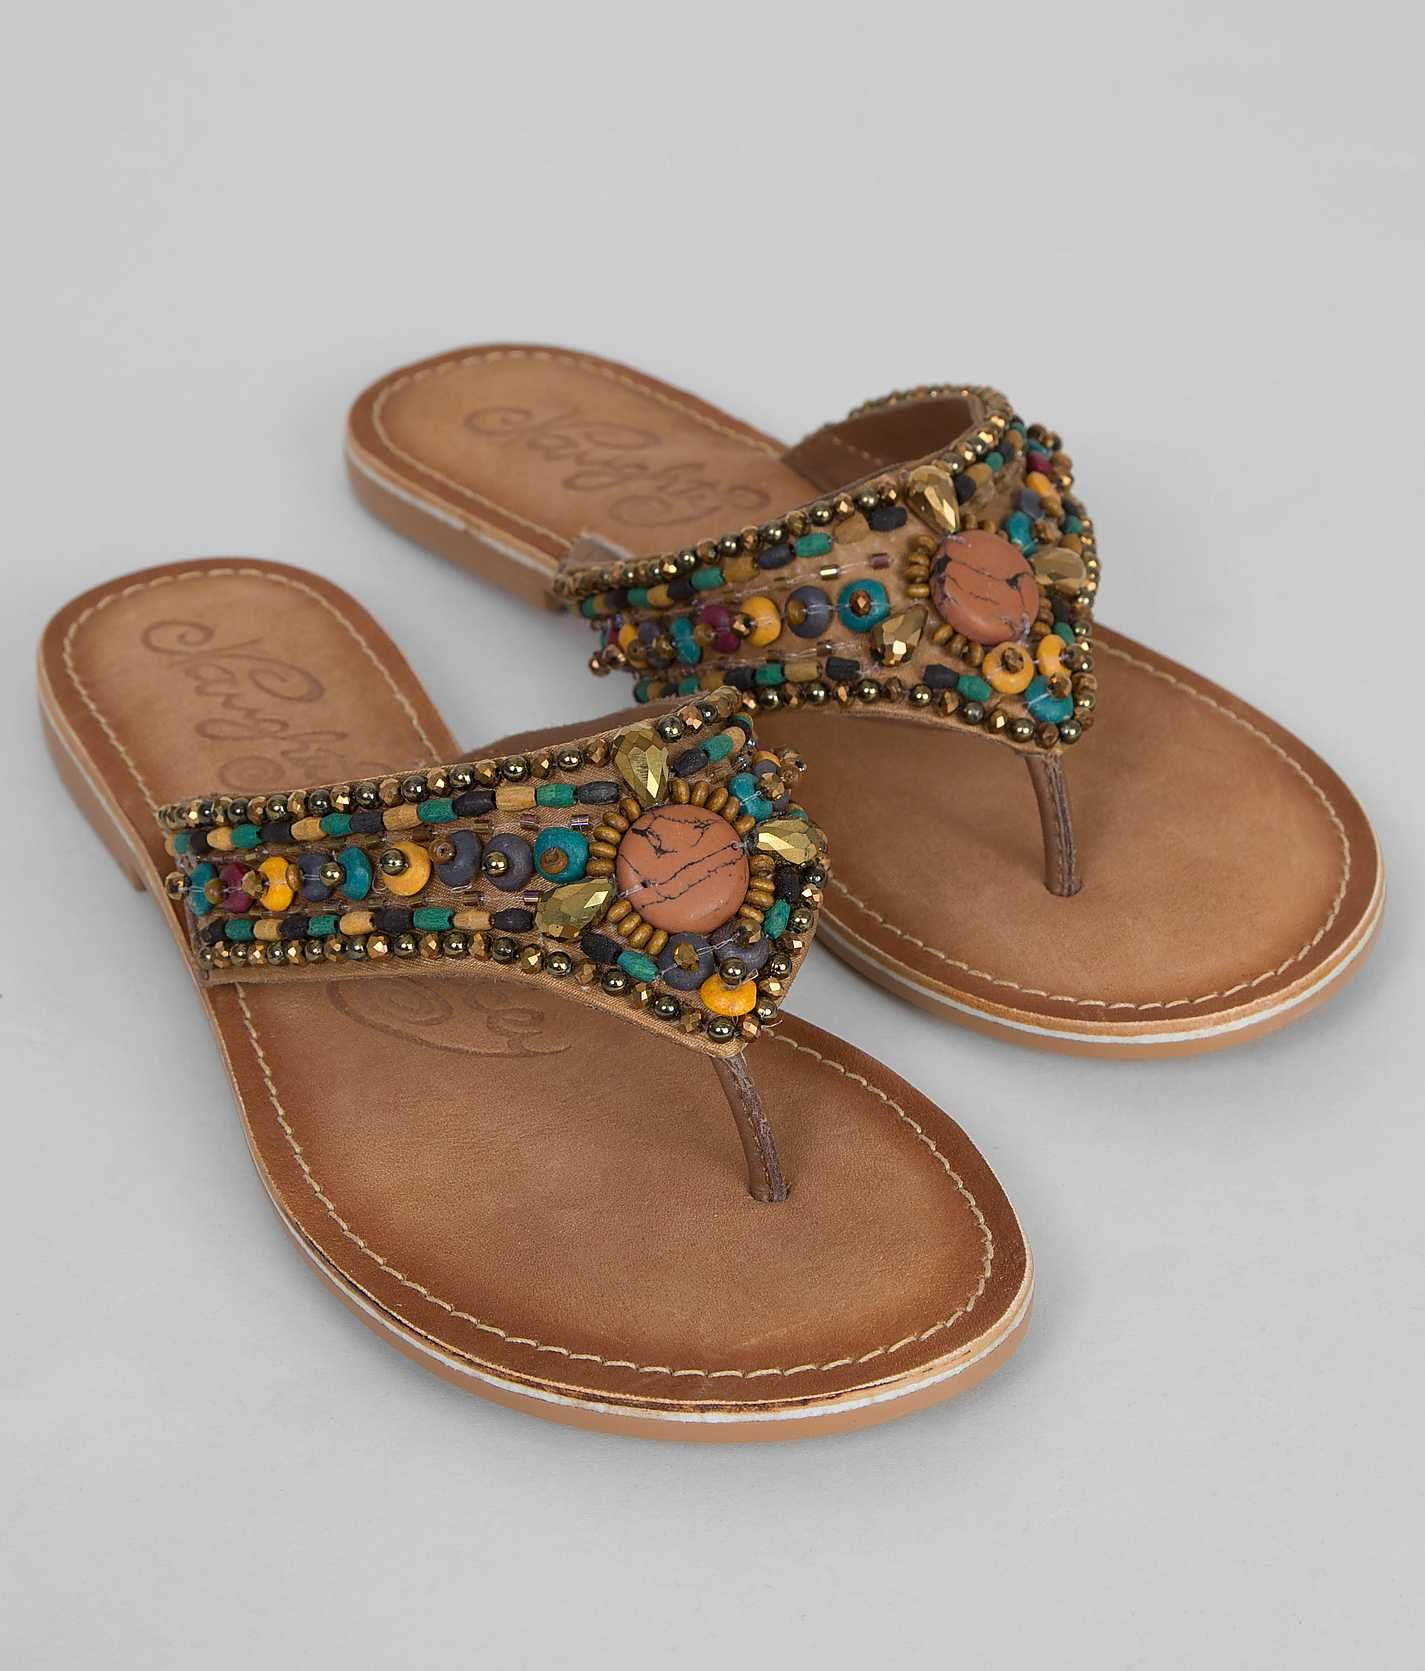 Naughty Monkey Beaded Bandit Flip - Women's Shoes | Buckle